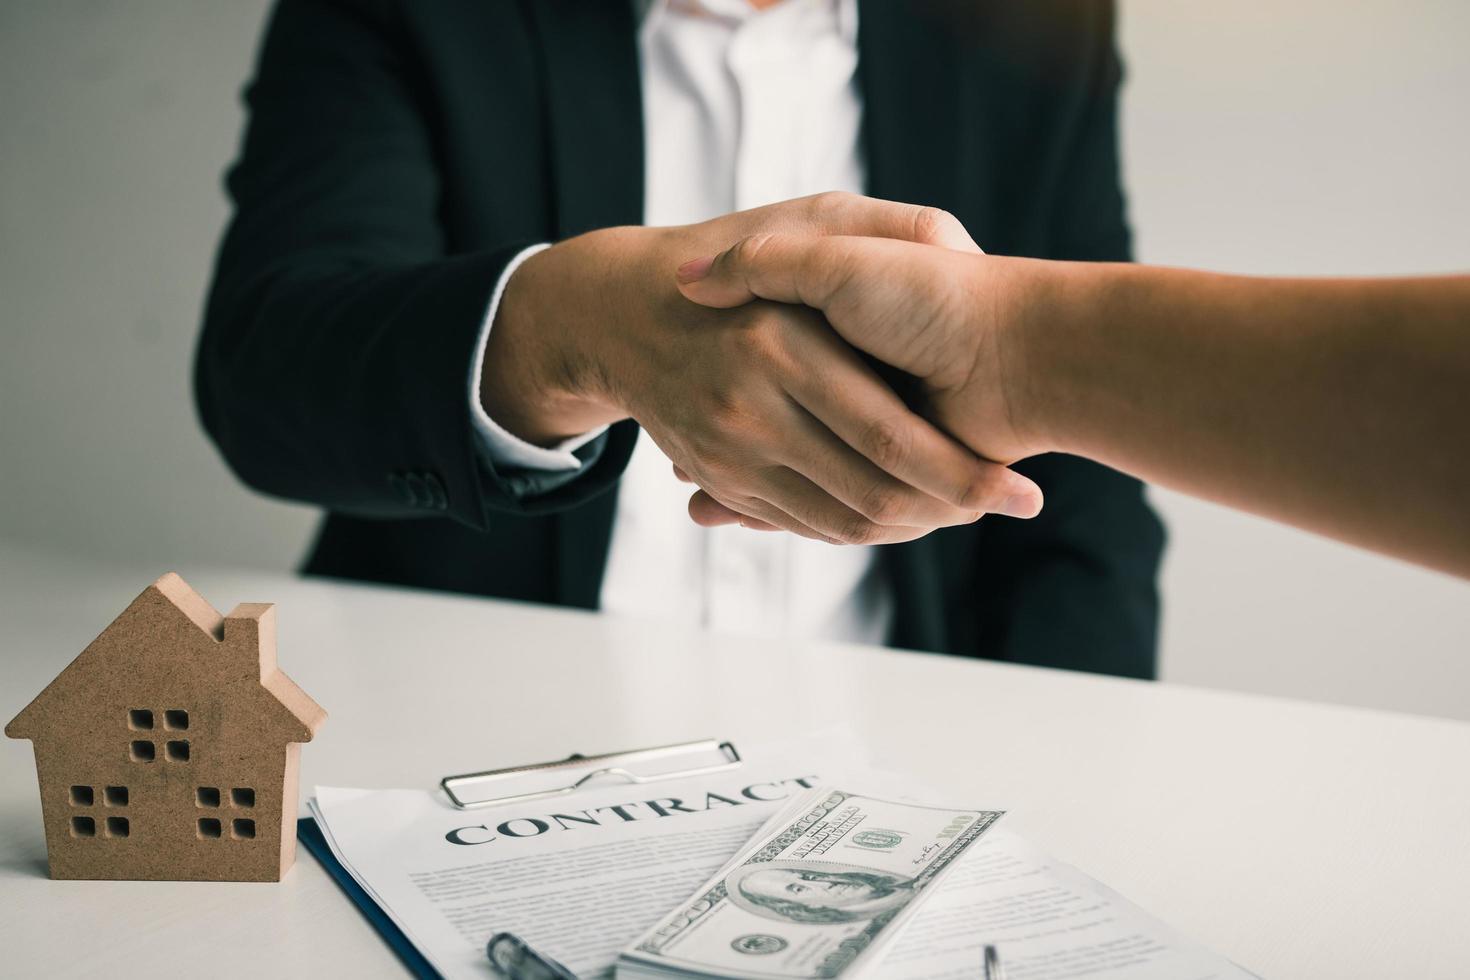 Immobilienmakler und Kunde Händeschütteln foto